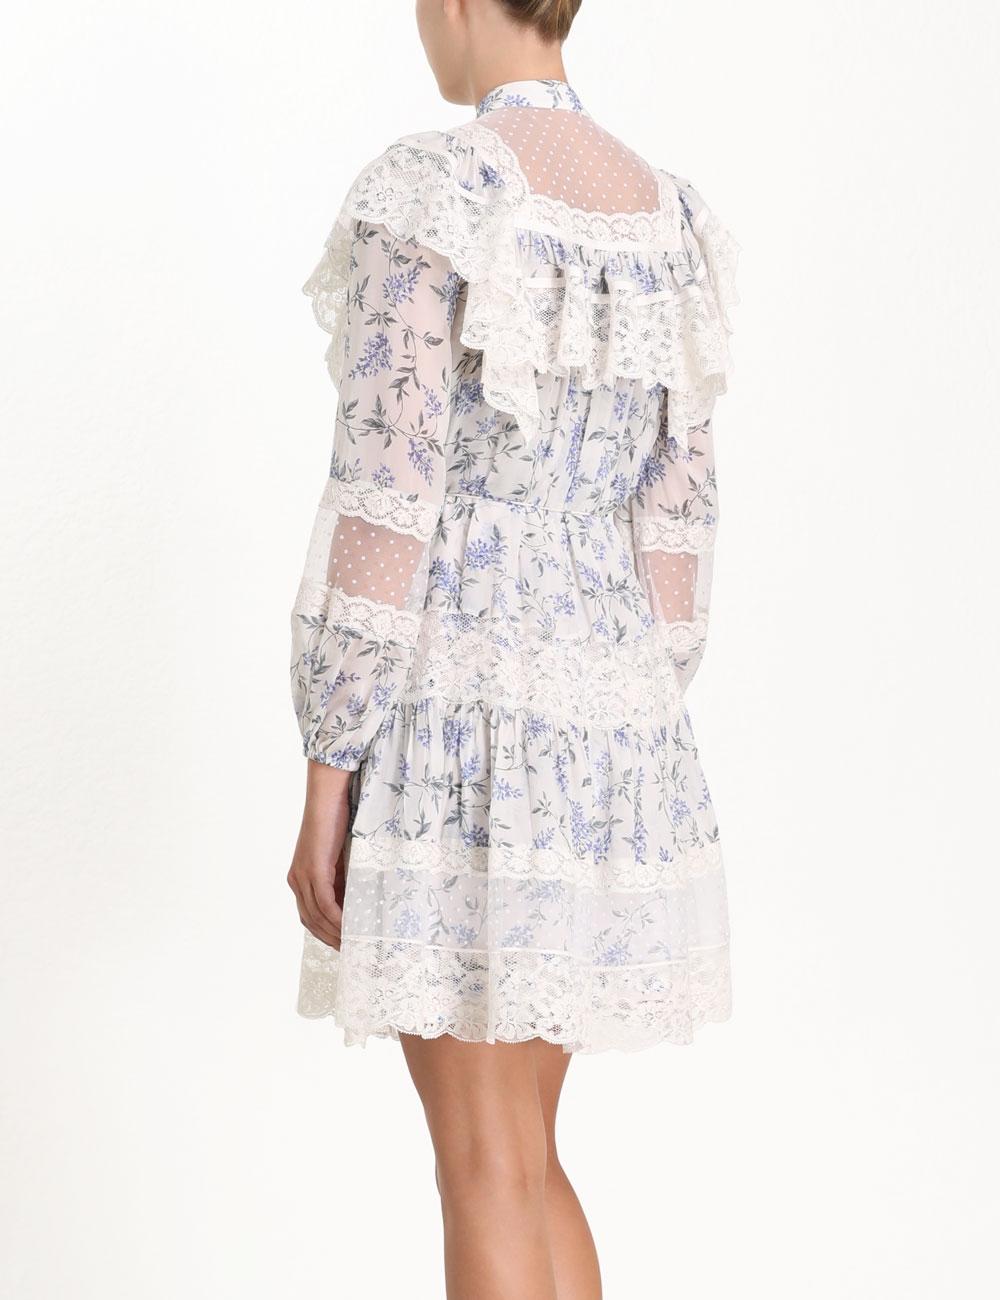 Moncur Lace Yoke Short Dress